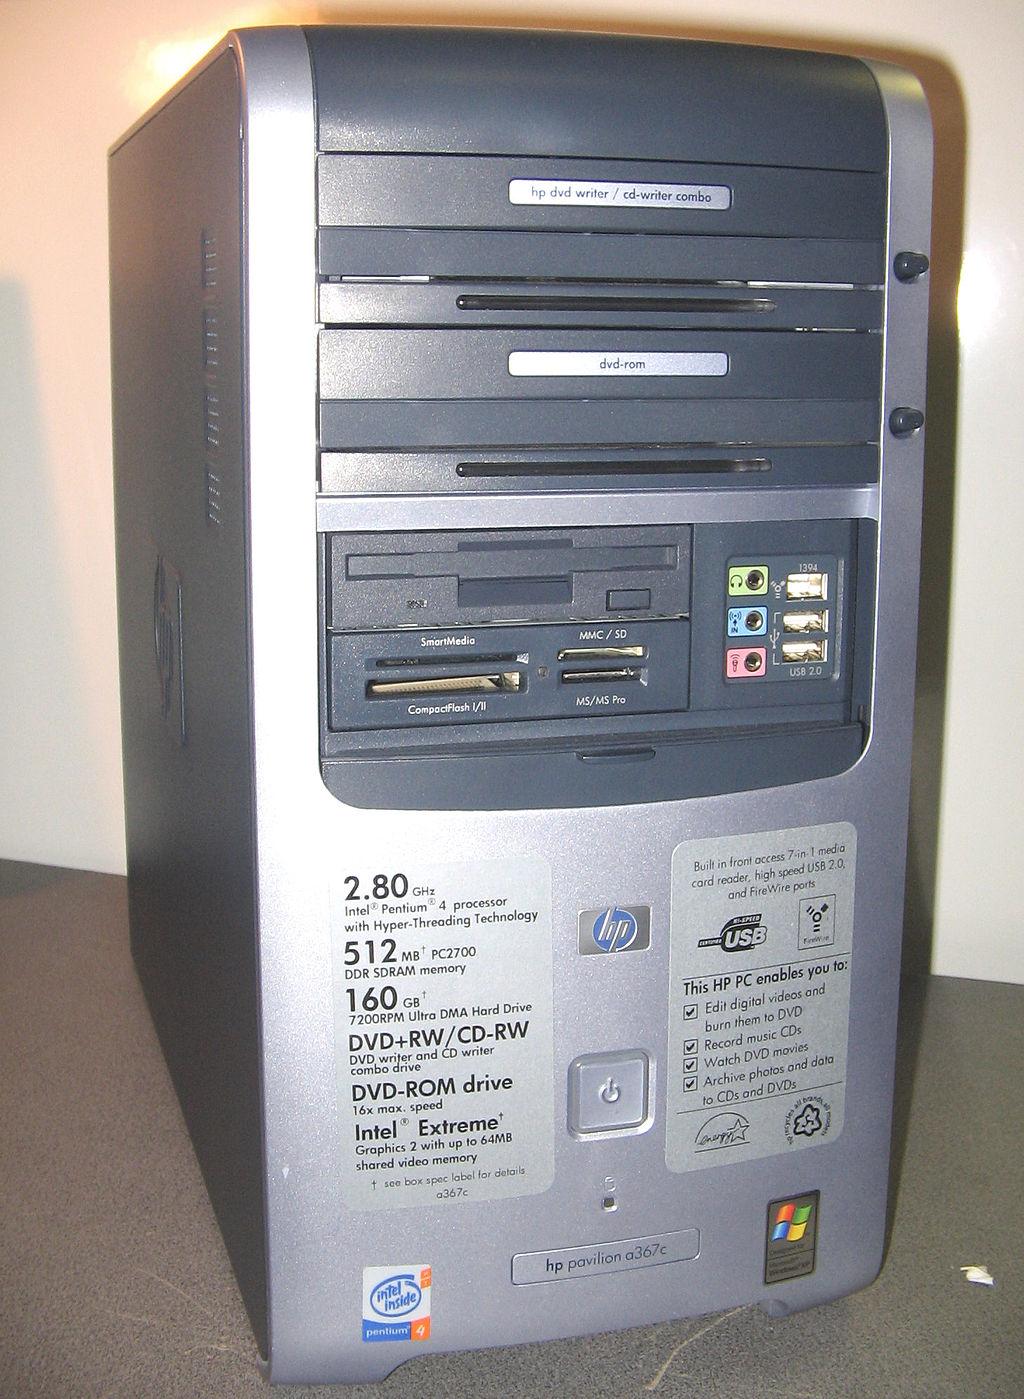 HP PAVILION a367c 2012 06 18